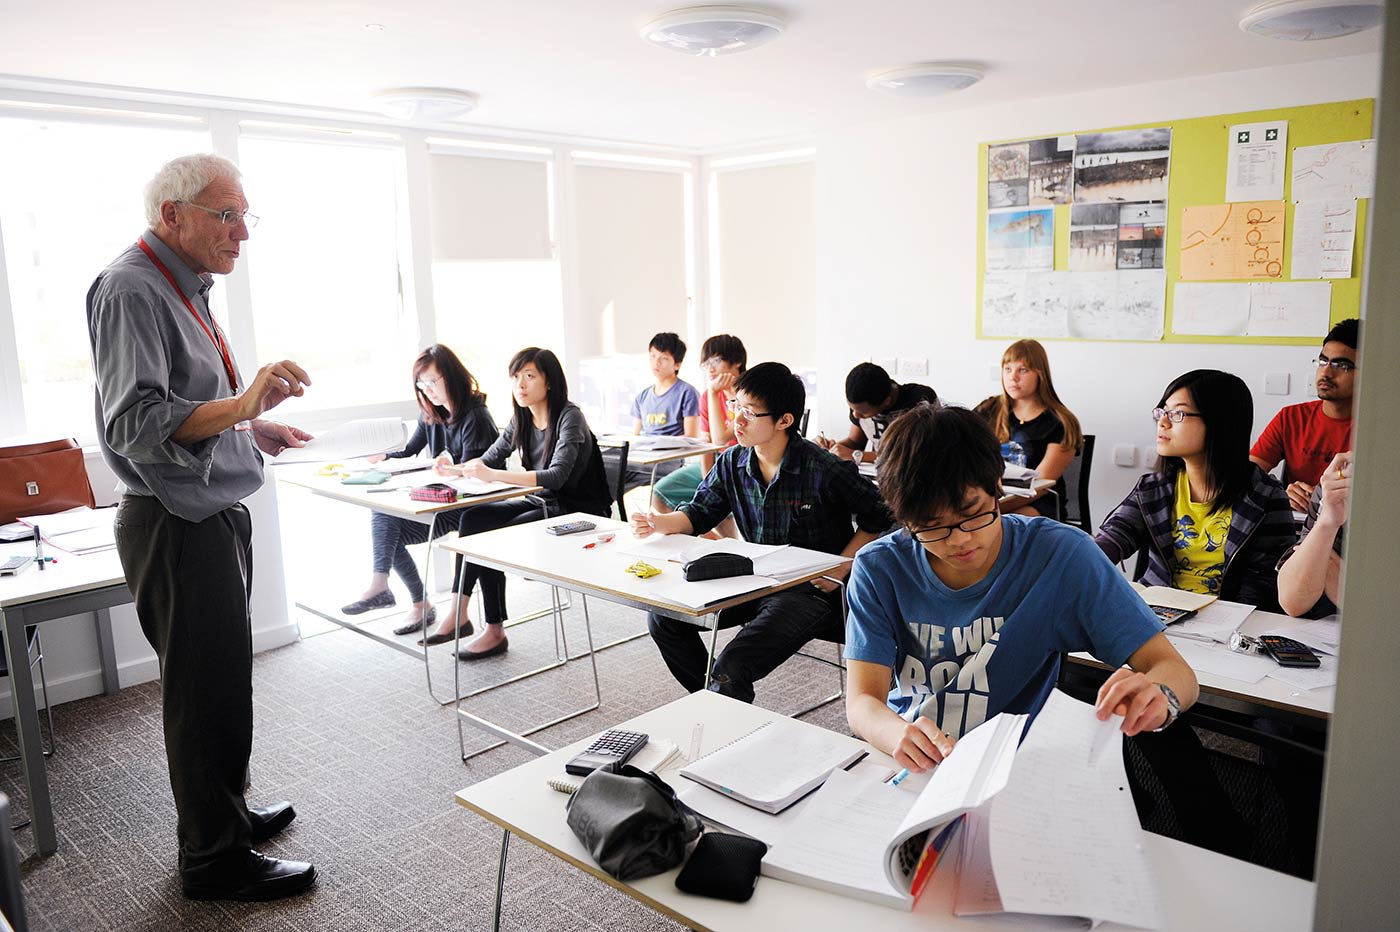 يتفهم المعلمون التحديات الدراسية التي يواجهها الطلاب في بيئة جديدة